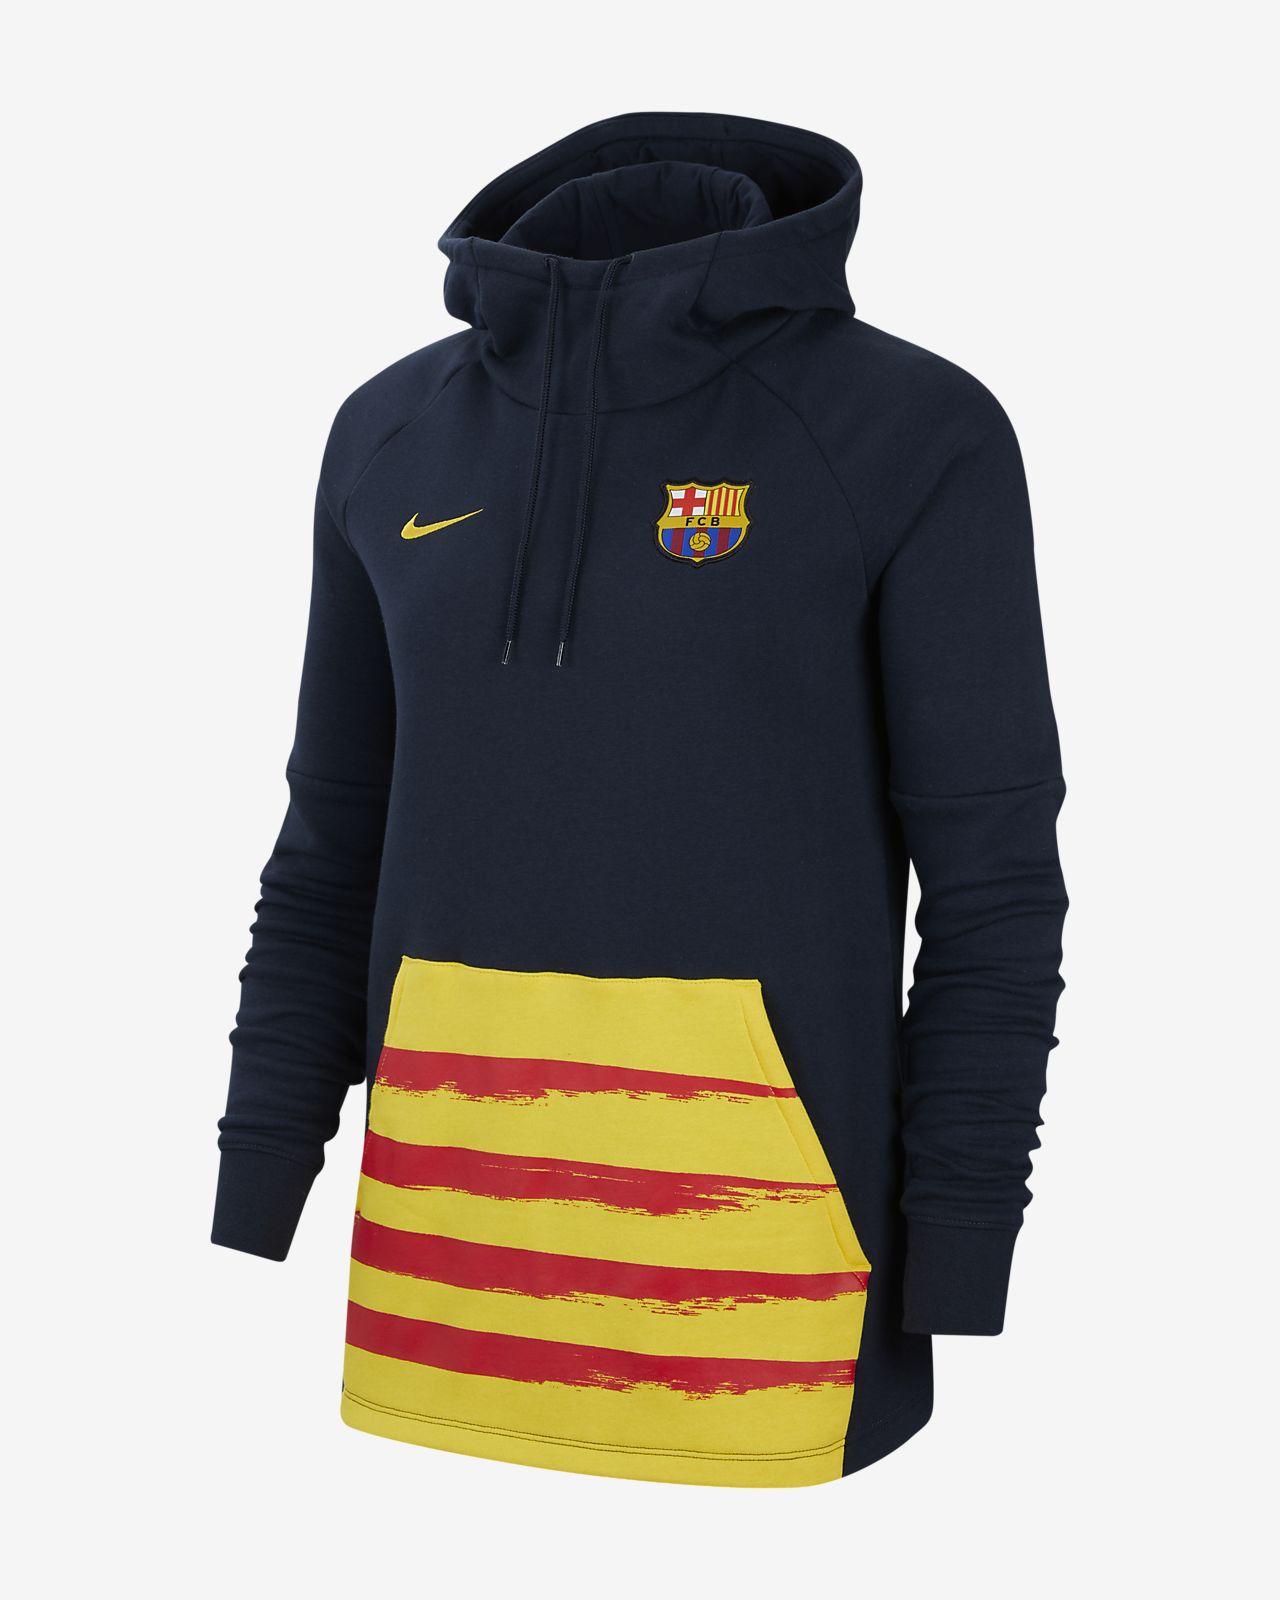 Felpa da calcio pullover con cappuccio in fleece F.C. Barcelona - Donna